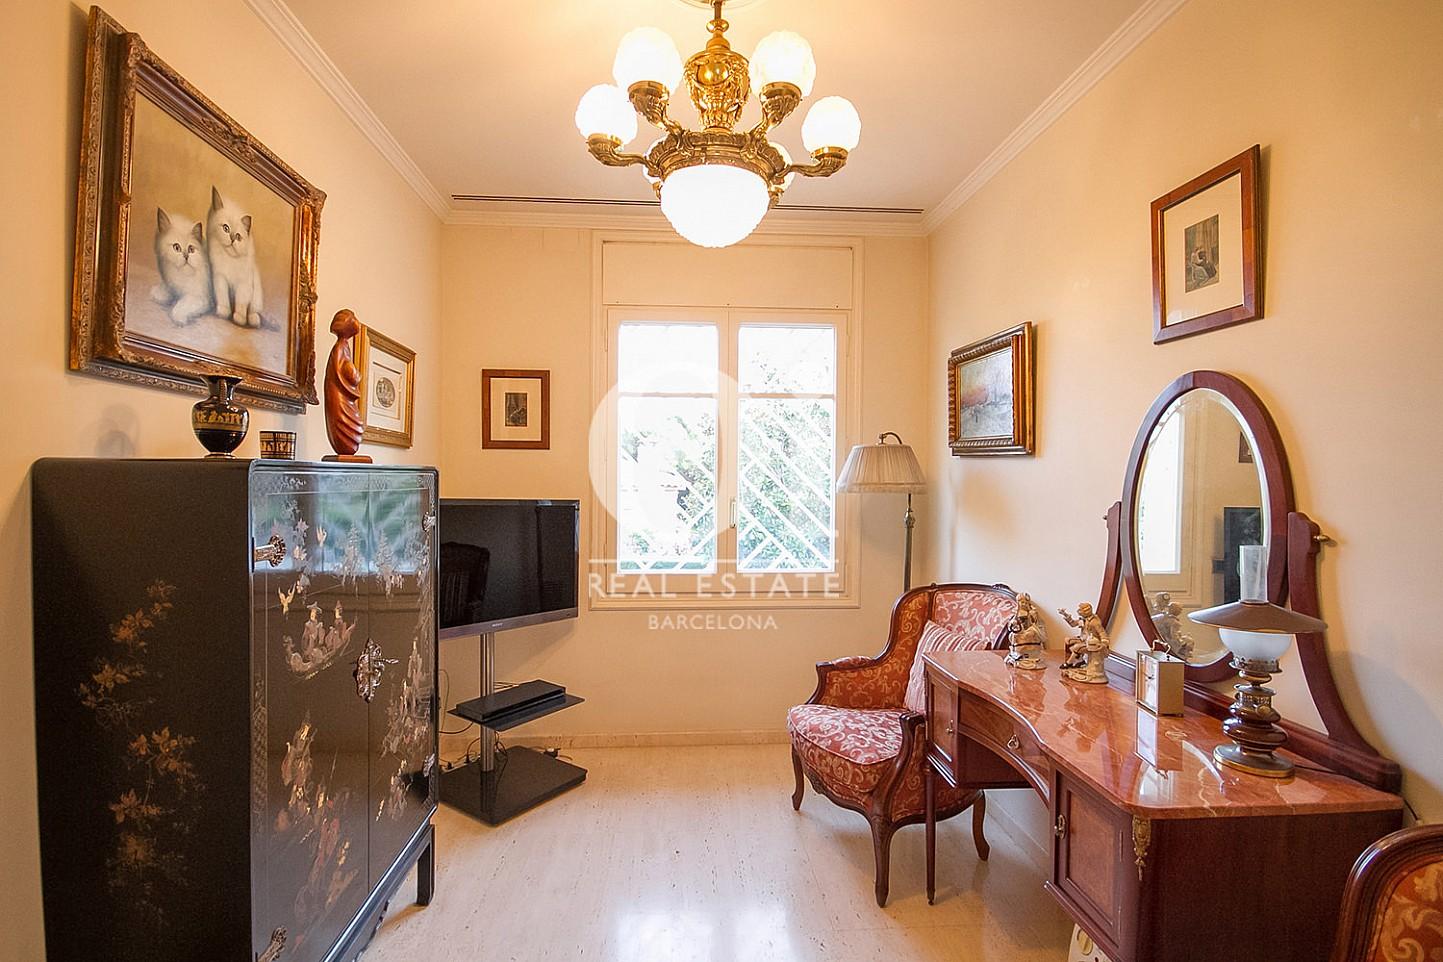 Вид одной из спален в потрясающем доме на продажу в районе Бонанова, Барселона